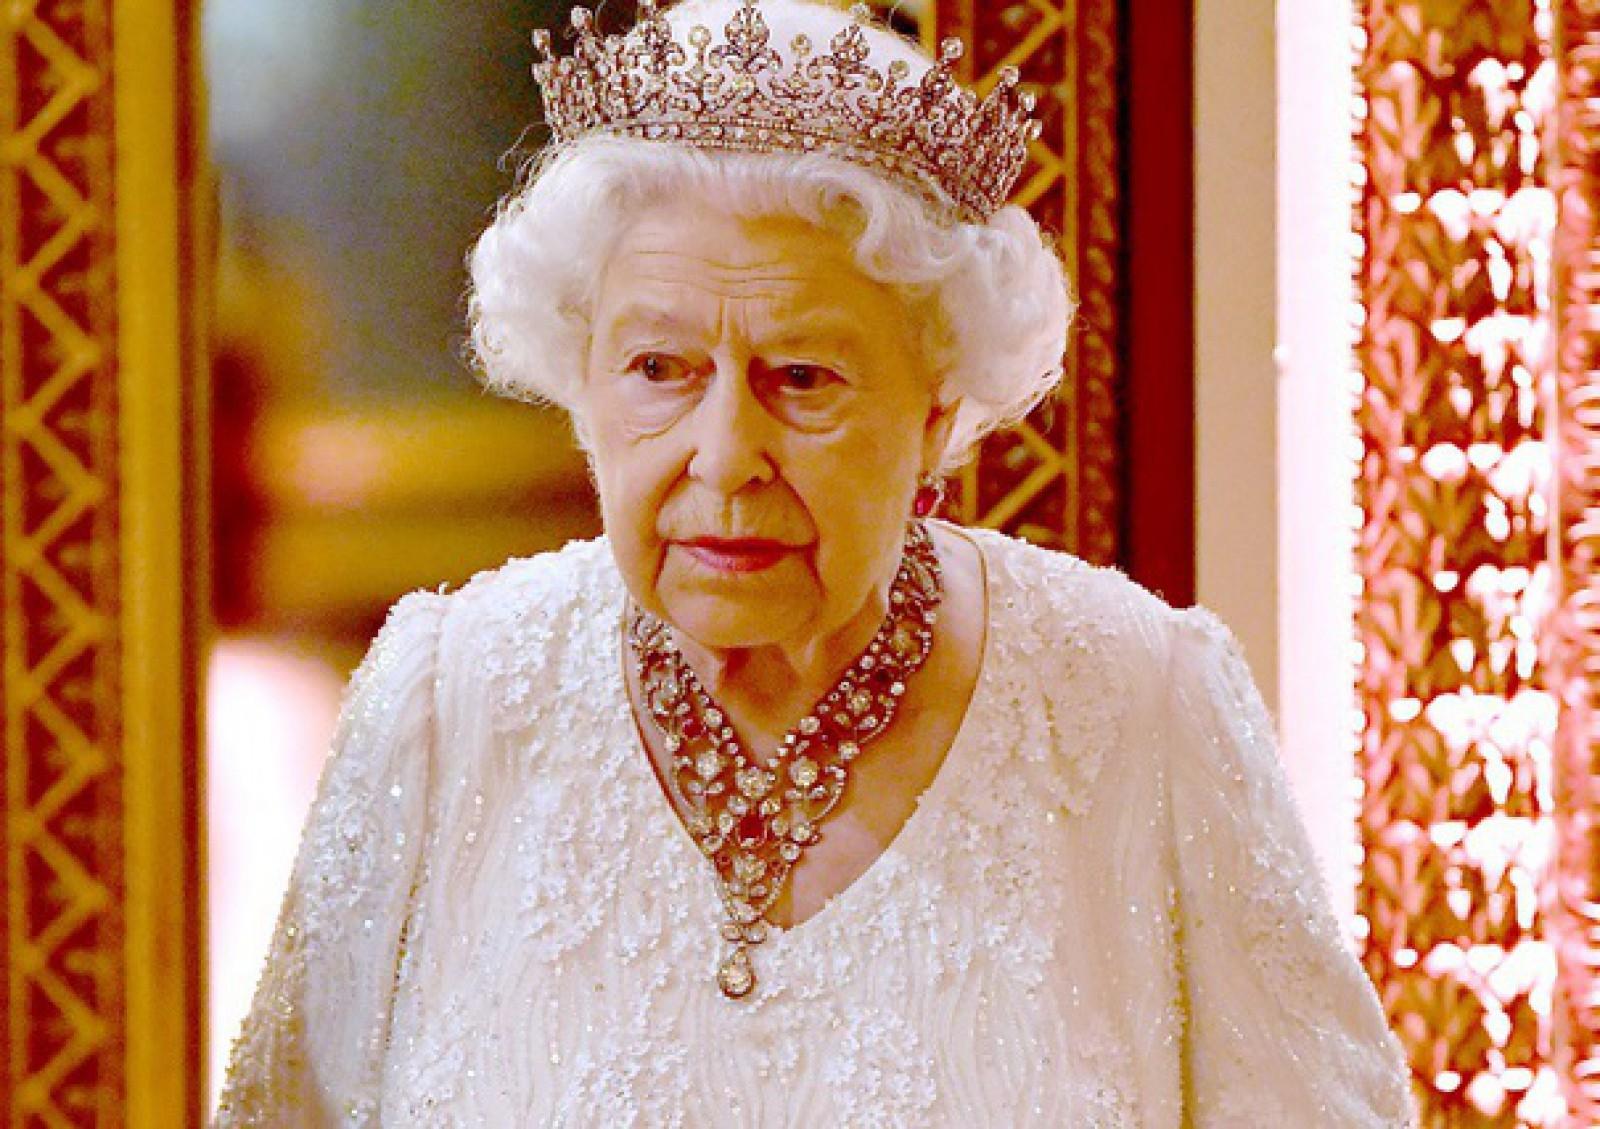 Regina Elisabeta a II-a a Marii Britanii, operată: A fost supusă unei intervenţii chirurgicale oftamologice